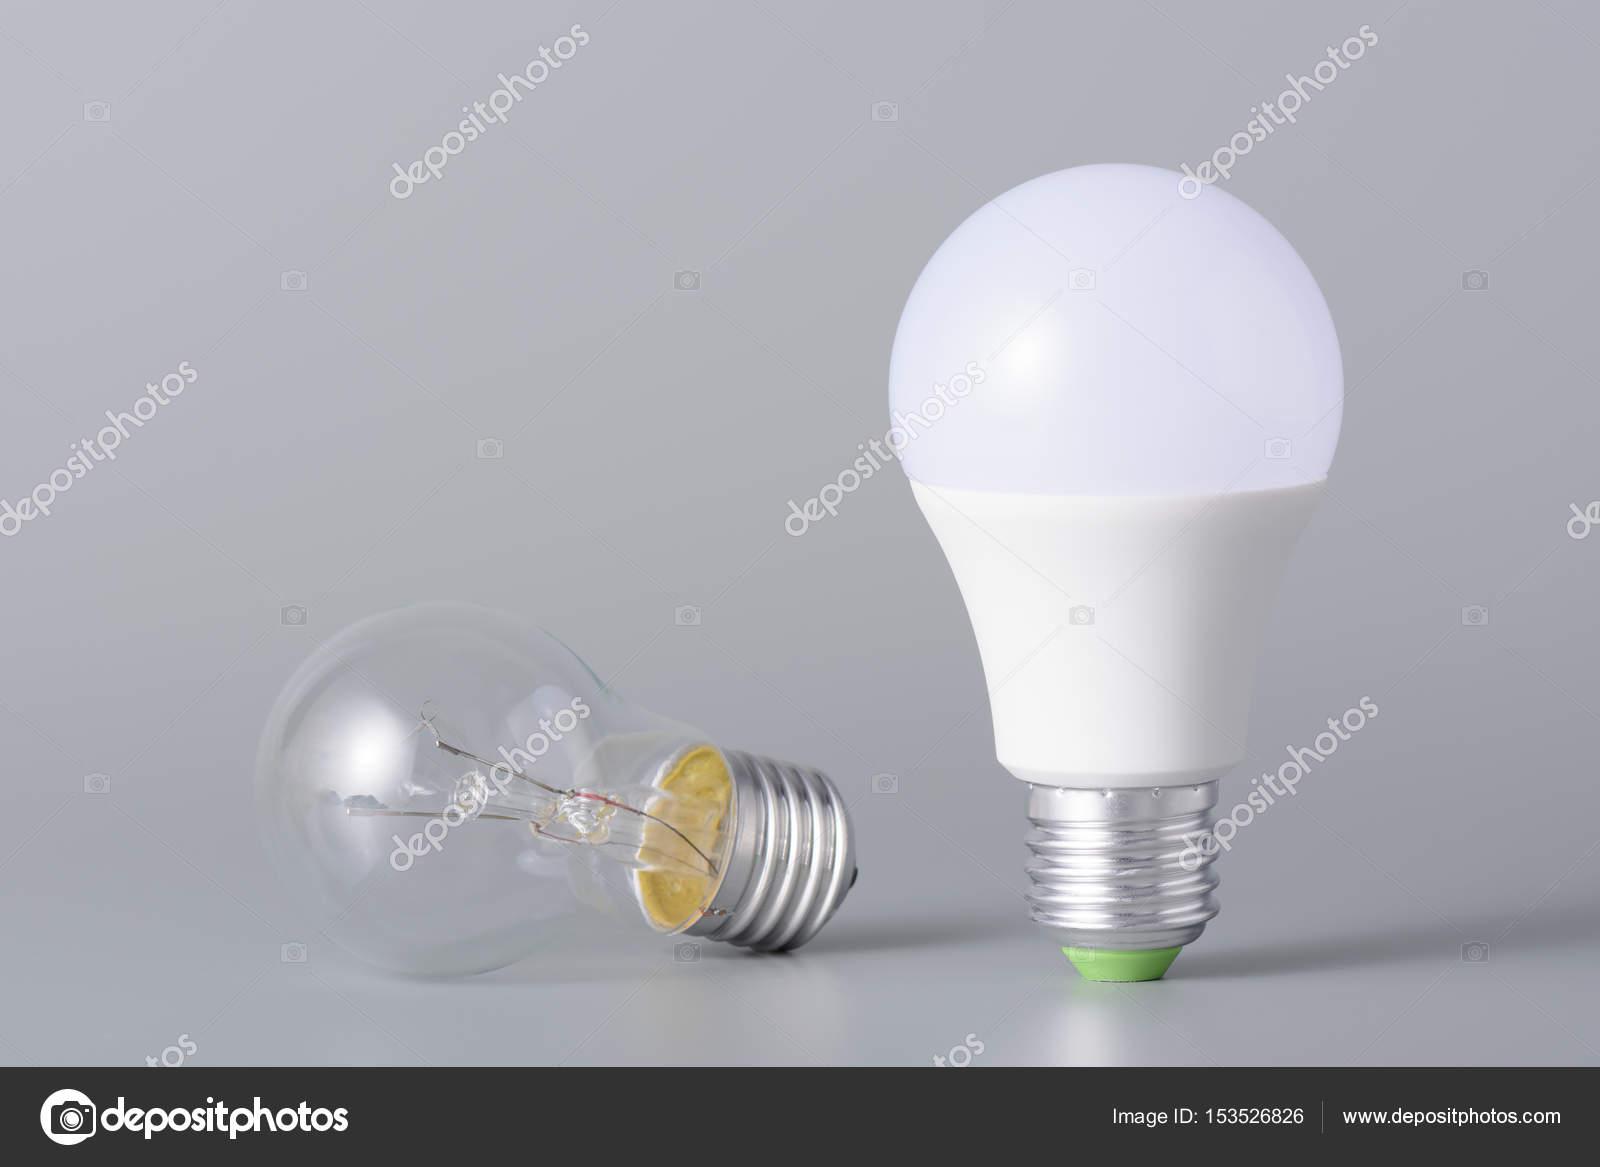 Lampada led e incandescenza u2014 foto stock © ramif #153526826